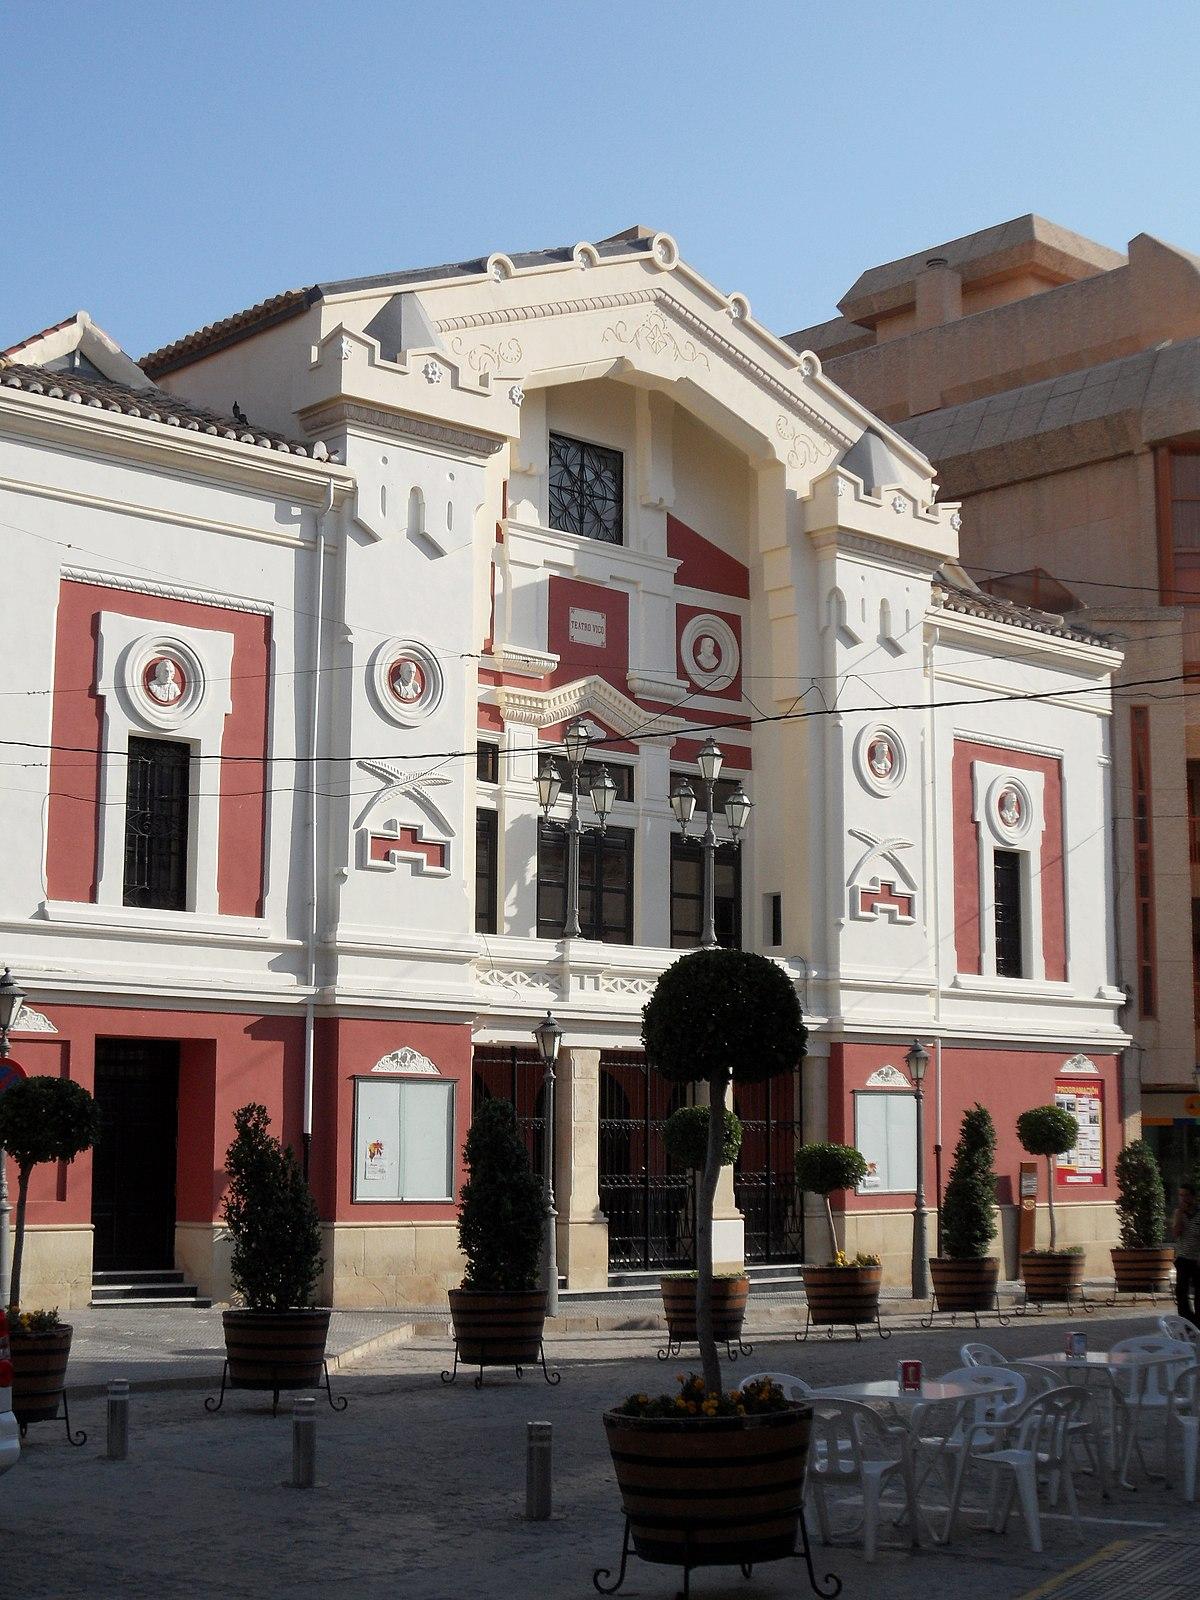 Teatro Vico Wikipedia La Enciclopedia Libre